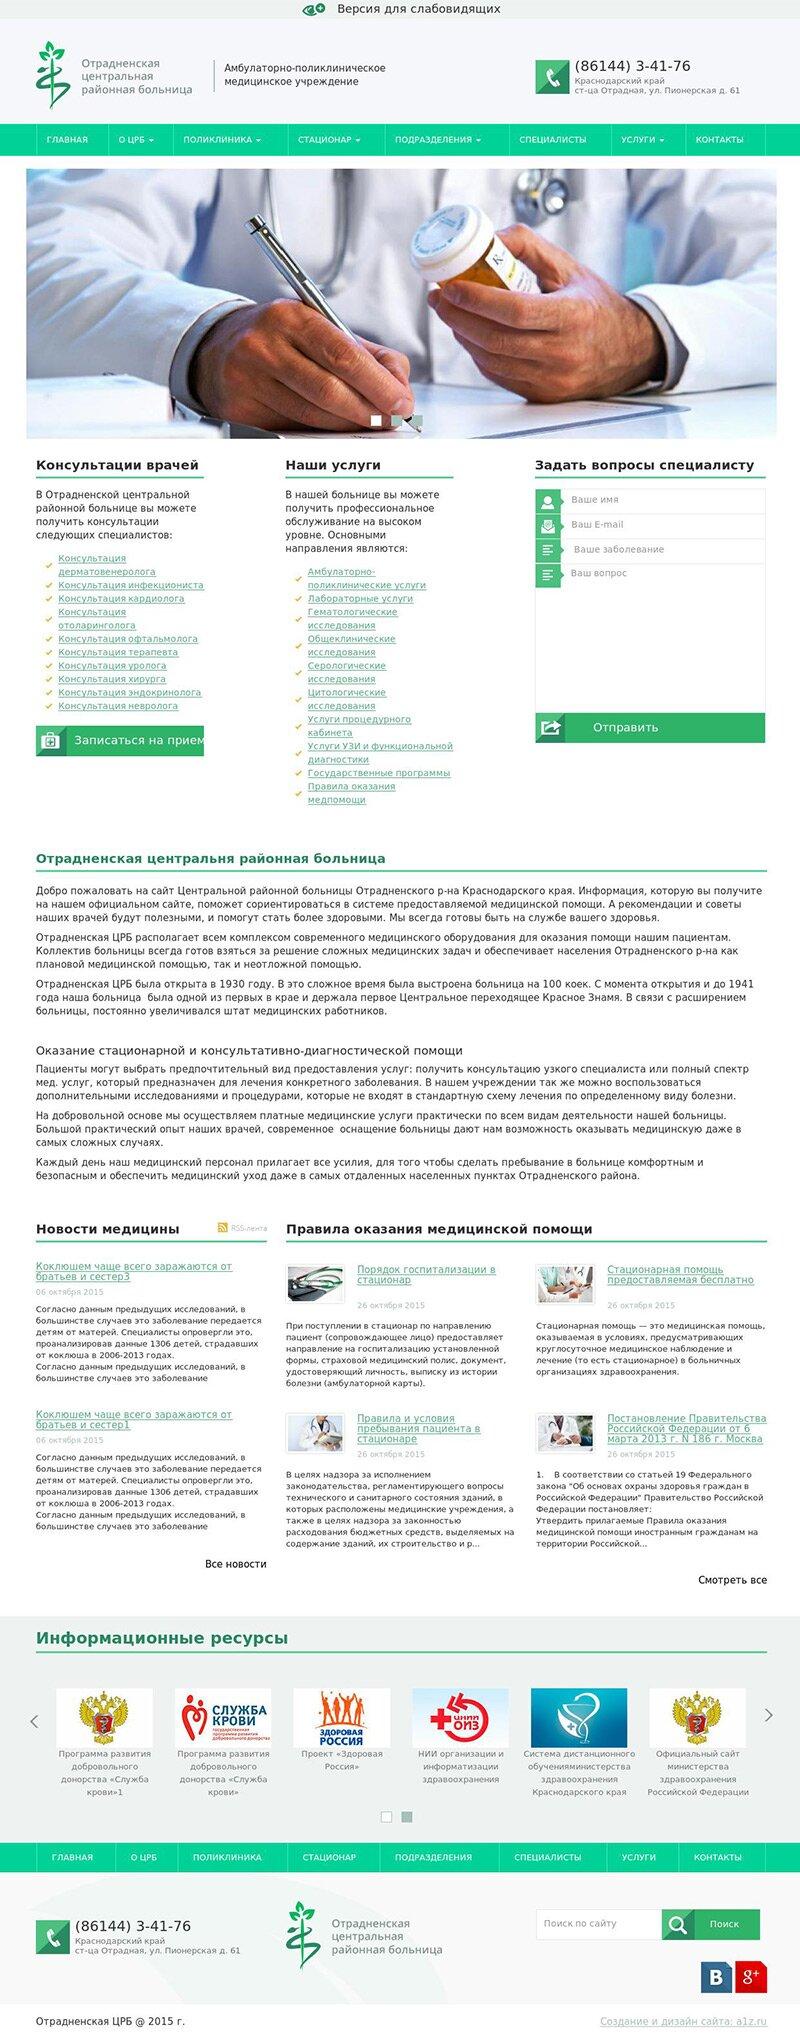 Создание сайтов для медицинских учреждений форум сайт влада топалова